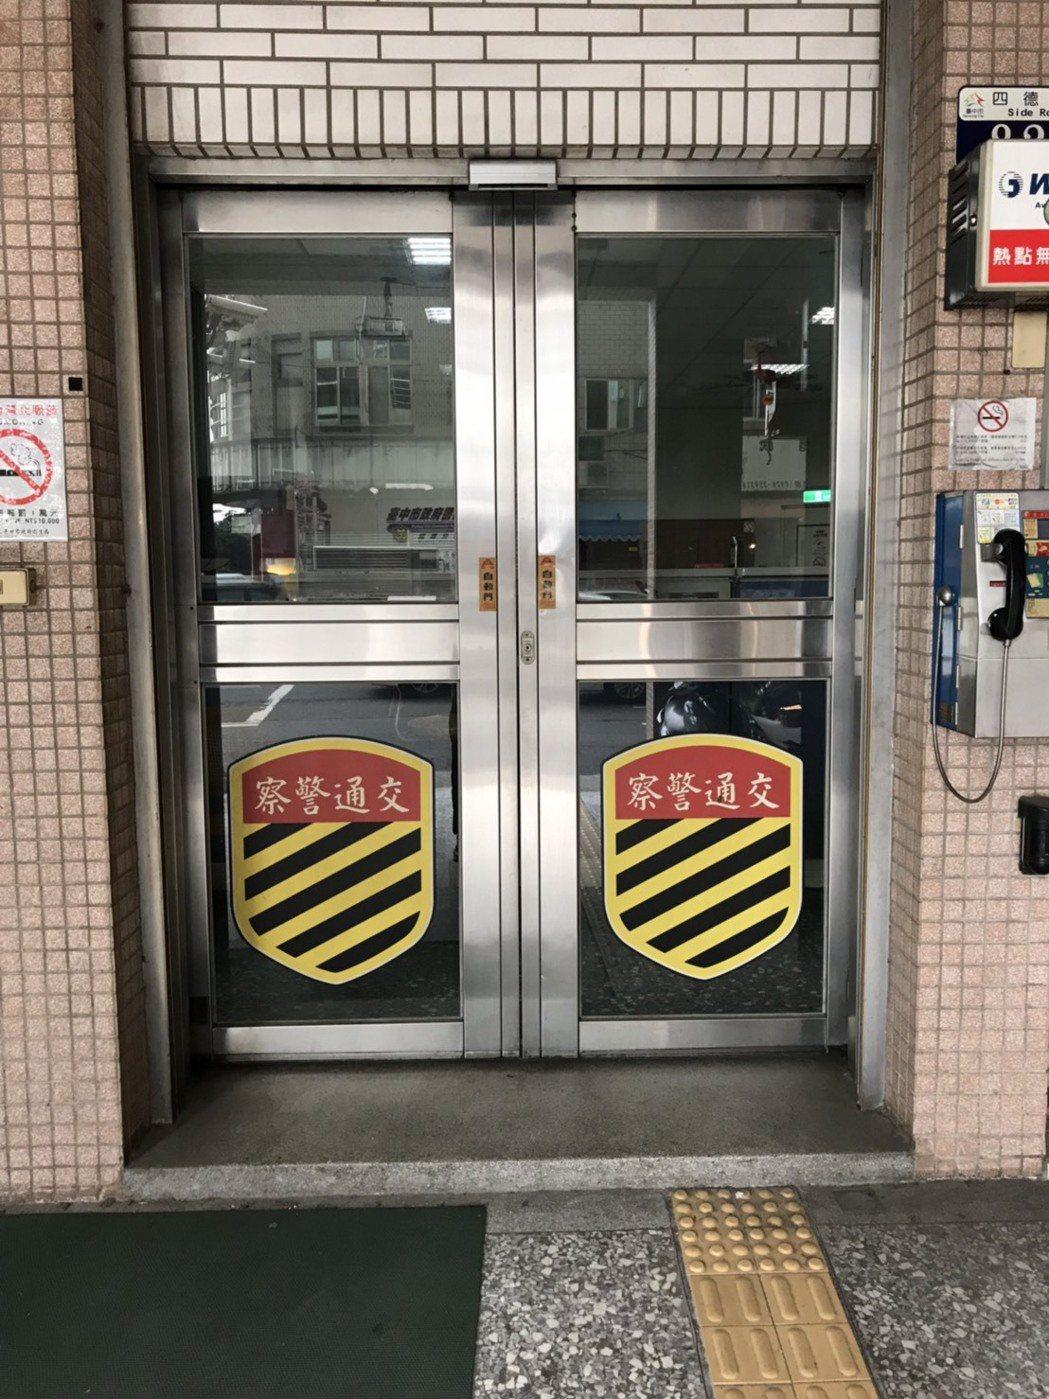 台中市霧峰警分局交通分隊曾發生凌晨2點,自動門連續2個禮拜無故開啟的狀況。 記者...